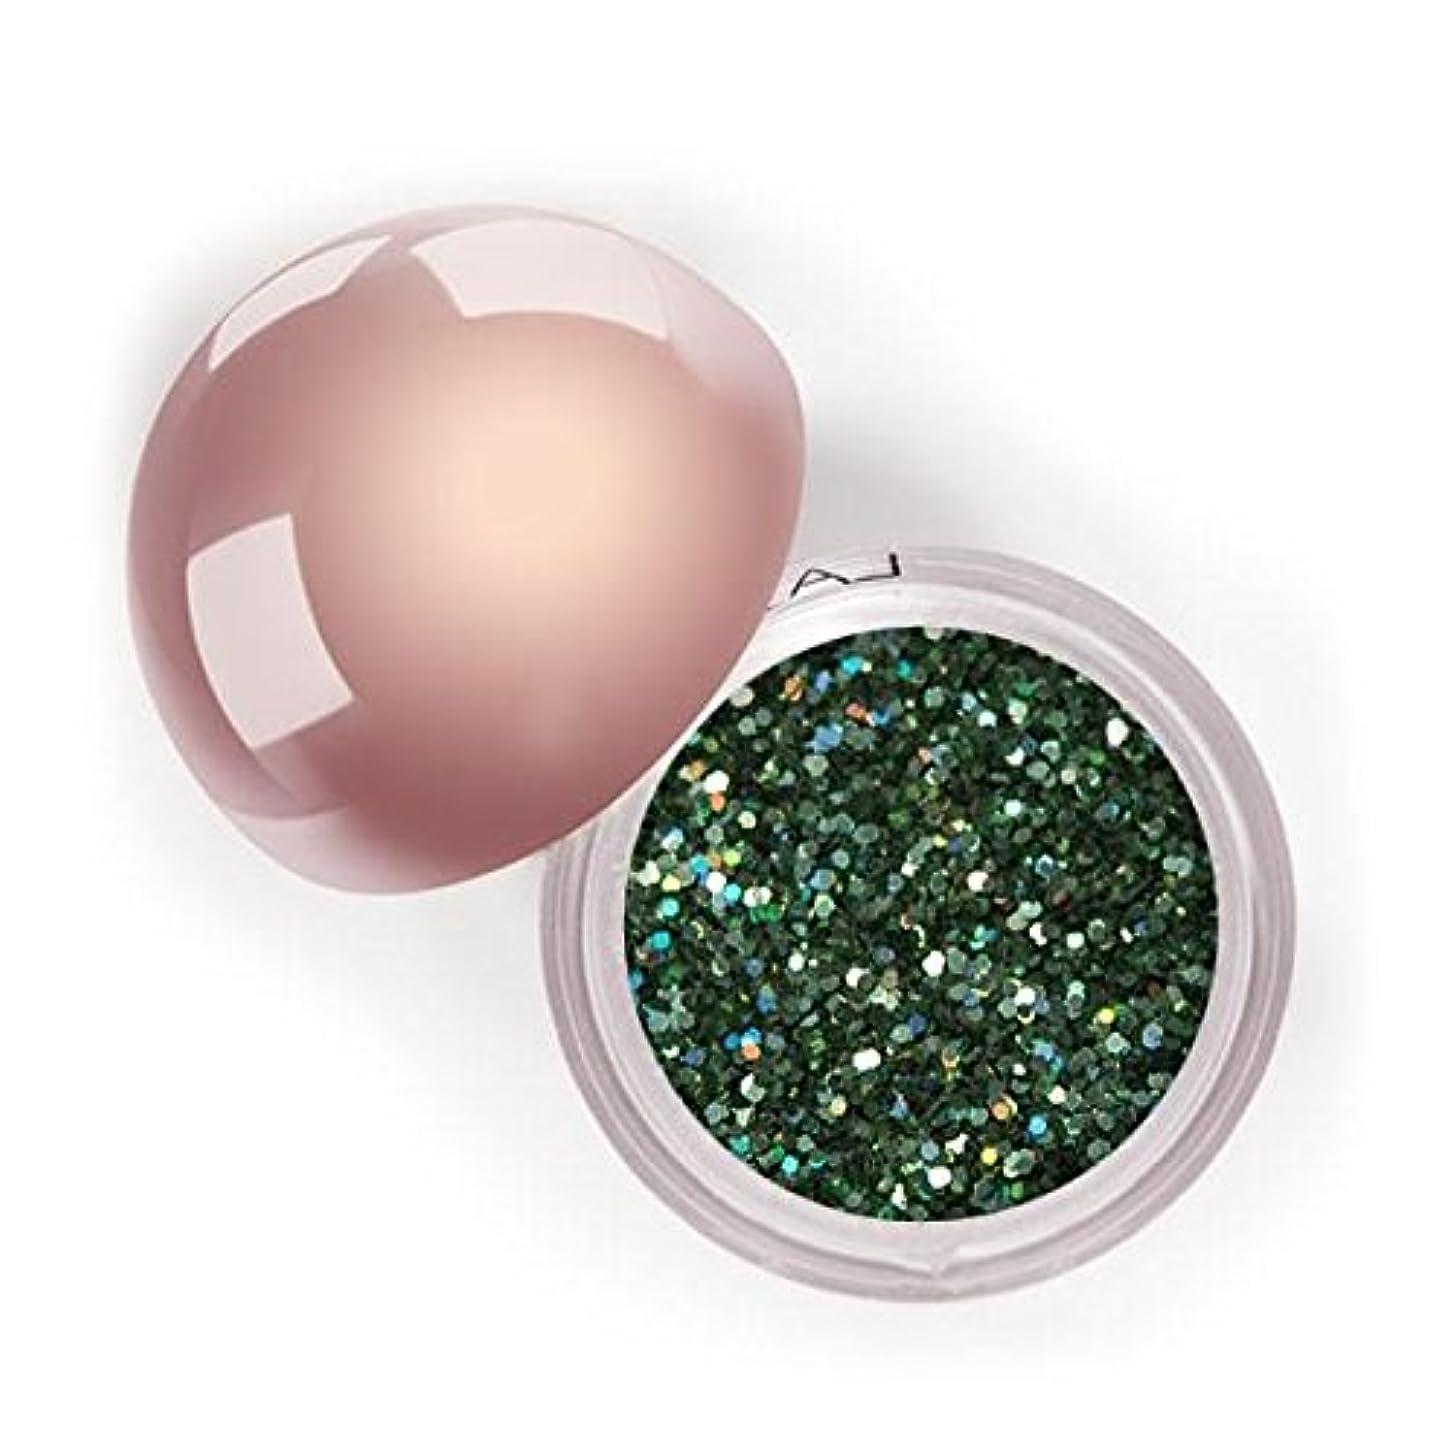 正当な必要とする対象(3 Pack) LA Splash Crystallized Glitter - Appletini (並行輸入品)